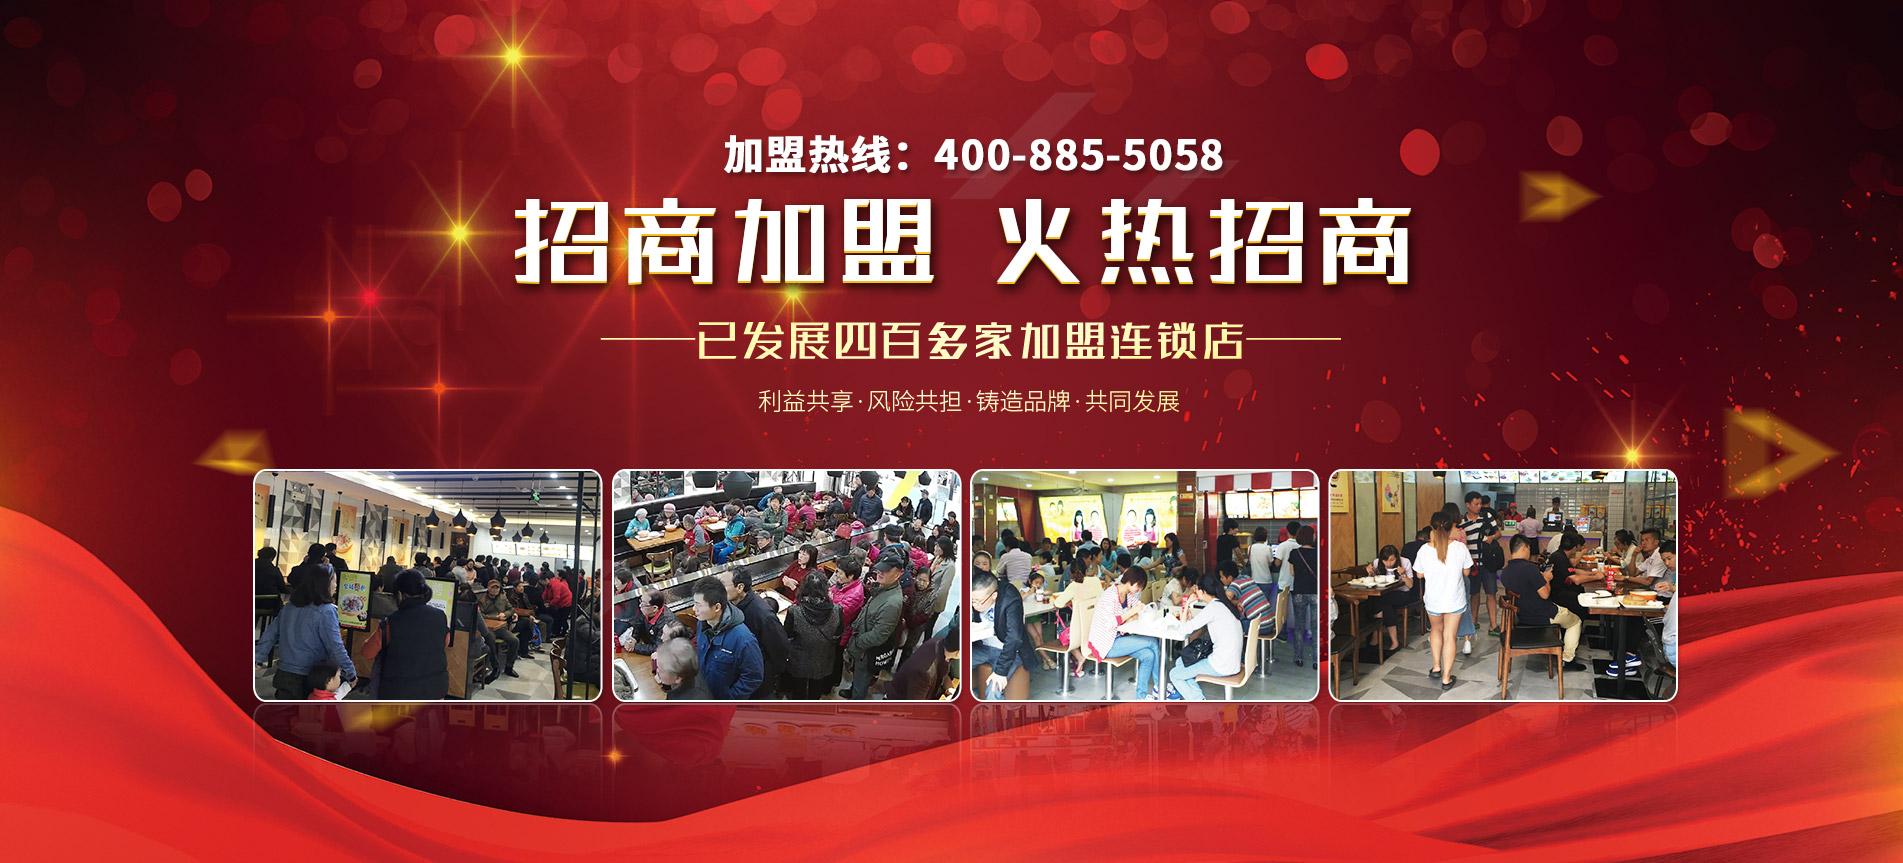 上海畅游餐饮管理有限公司